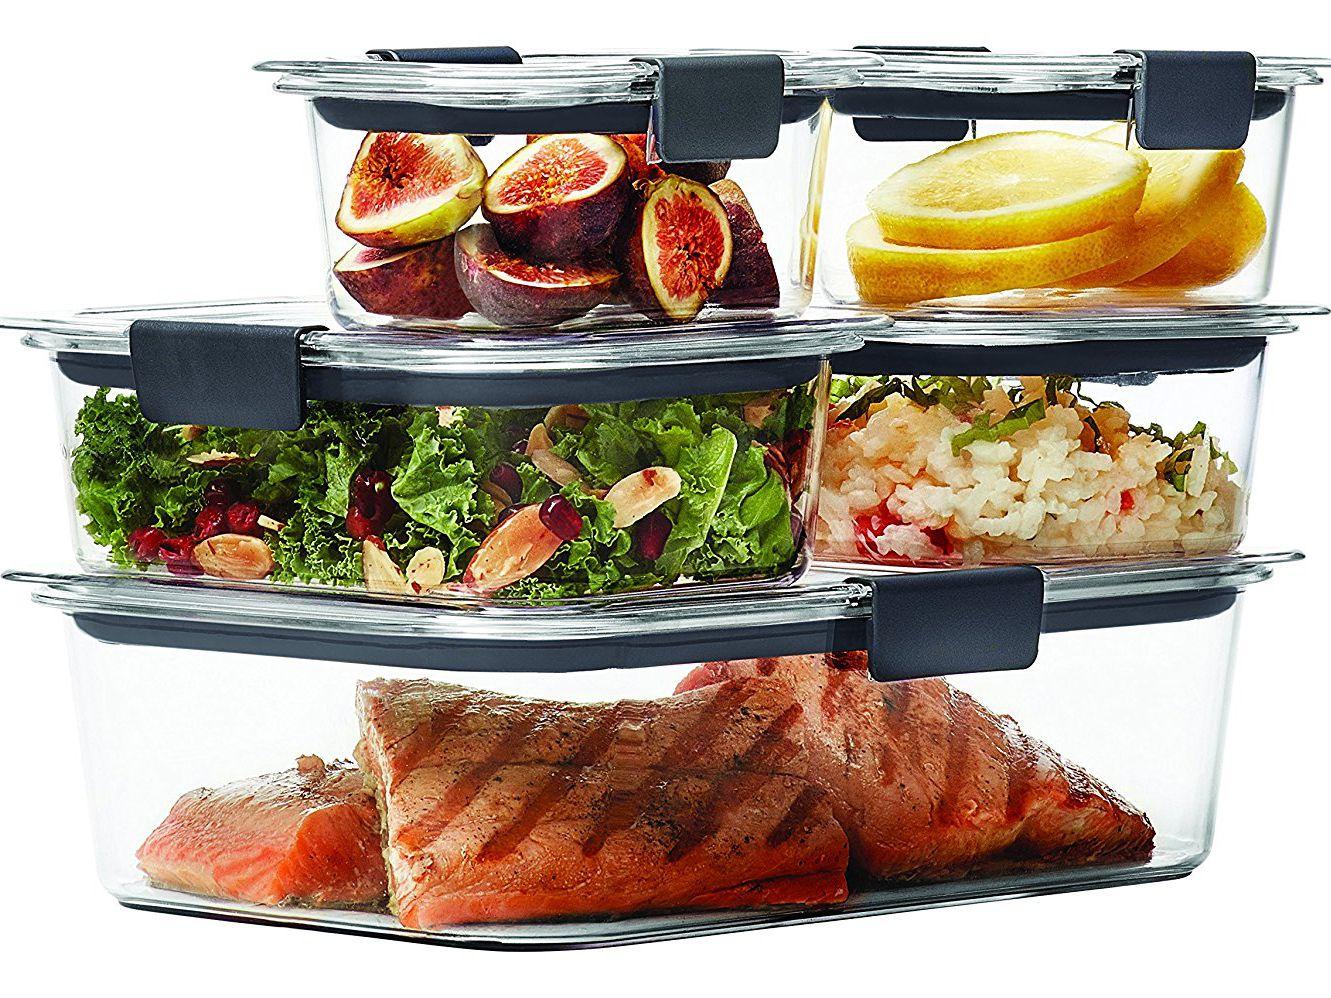 ظرف نگهداری مواد غذایی